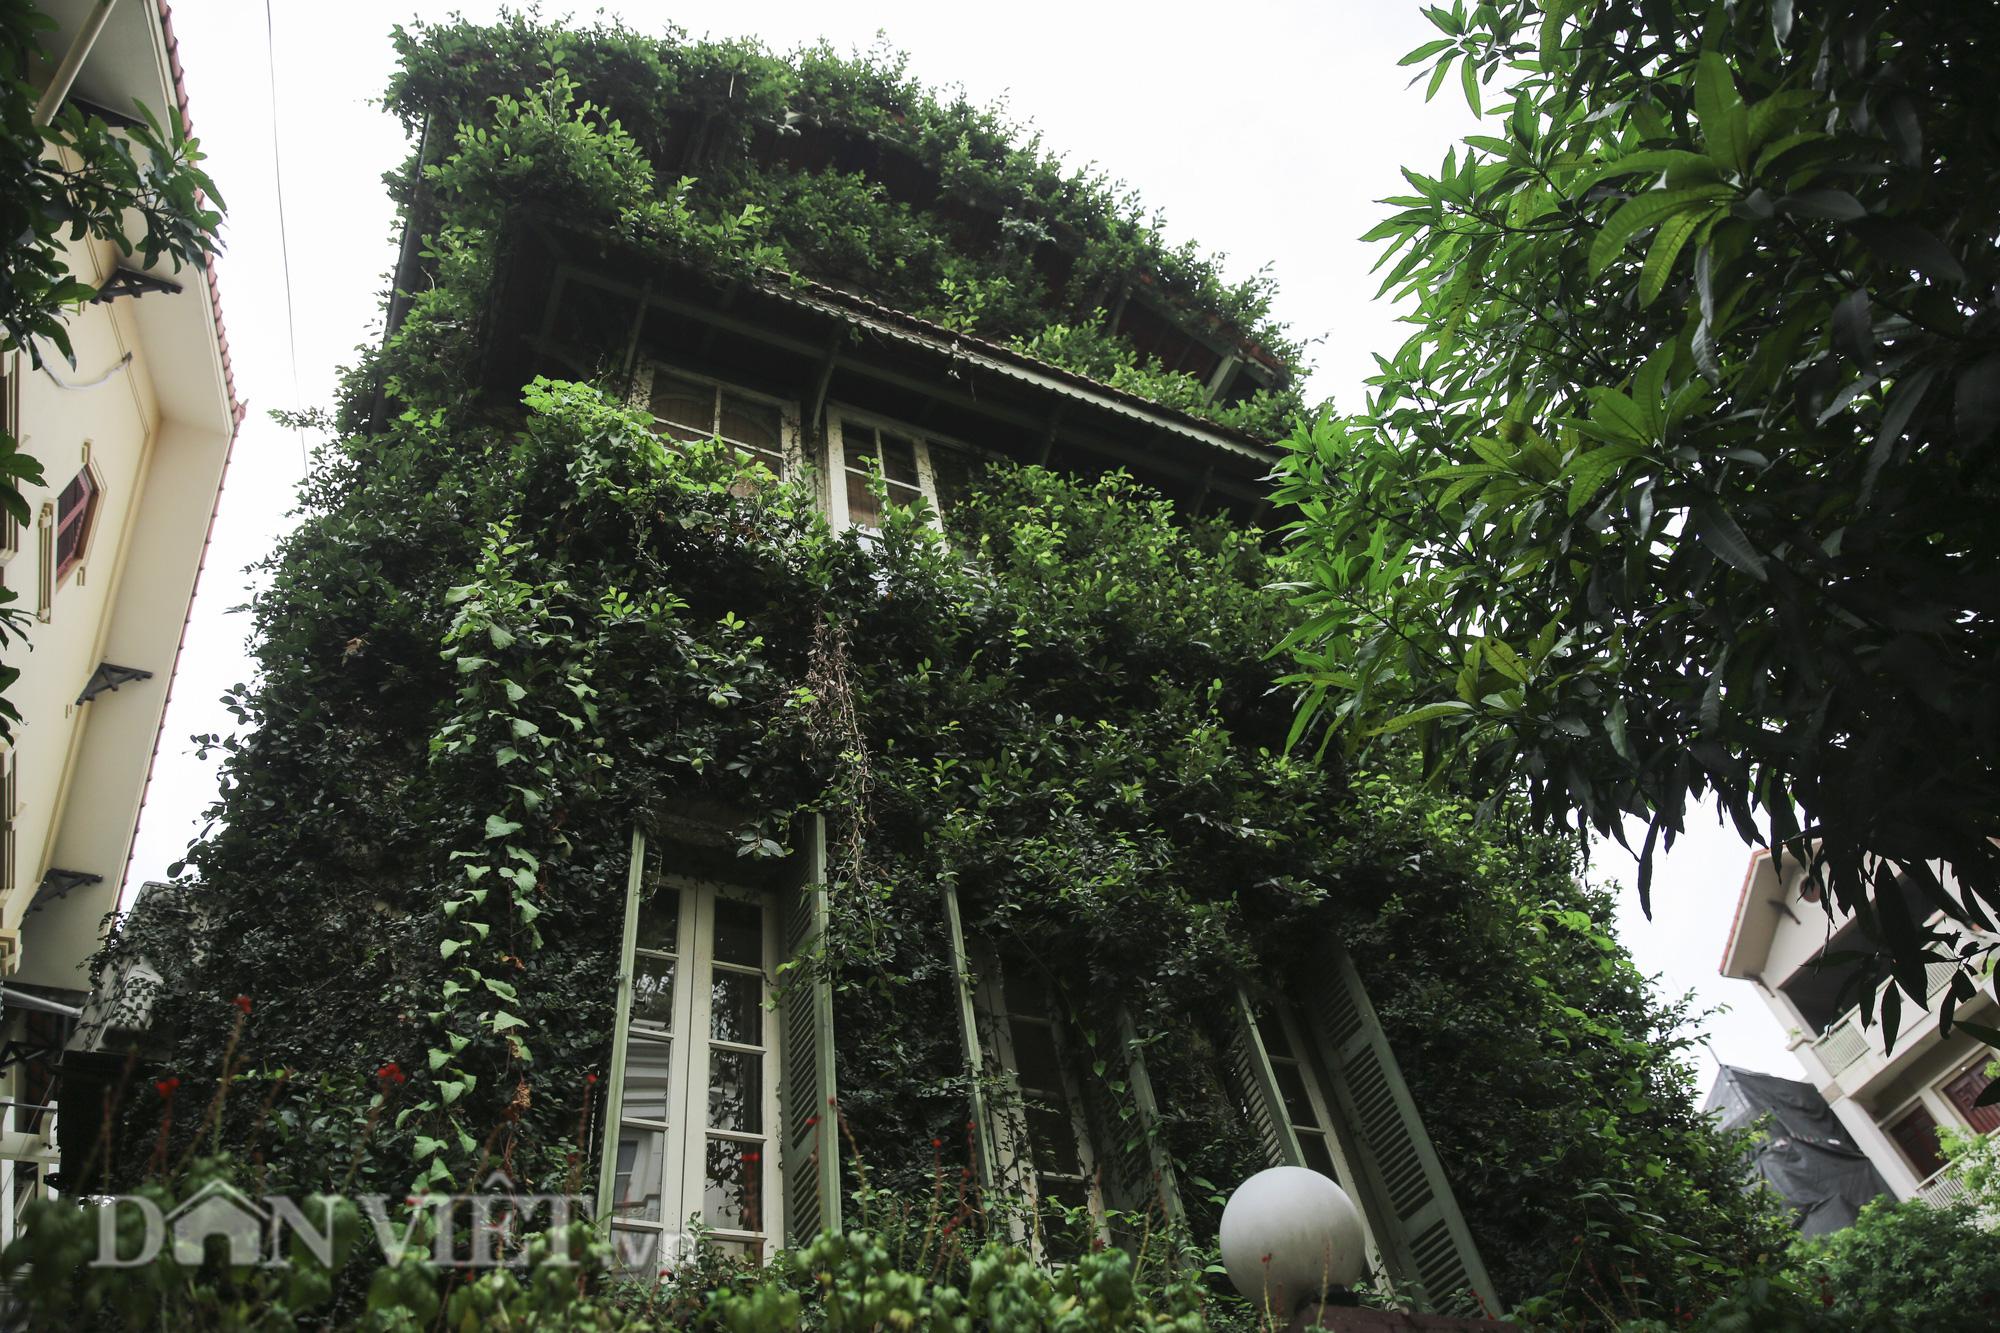 """Chiêm ngưỡng căn biệt thự được """"ngụy trang"""" bởi cây xanh giữa lòng Hà Nội - Ảnh 5."""